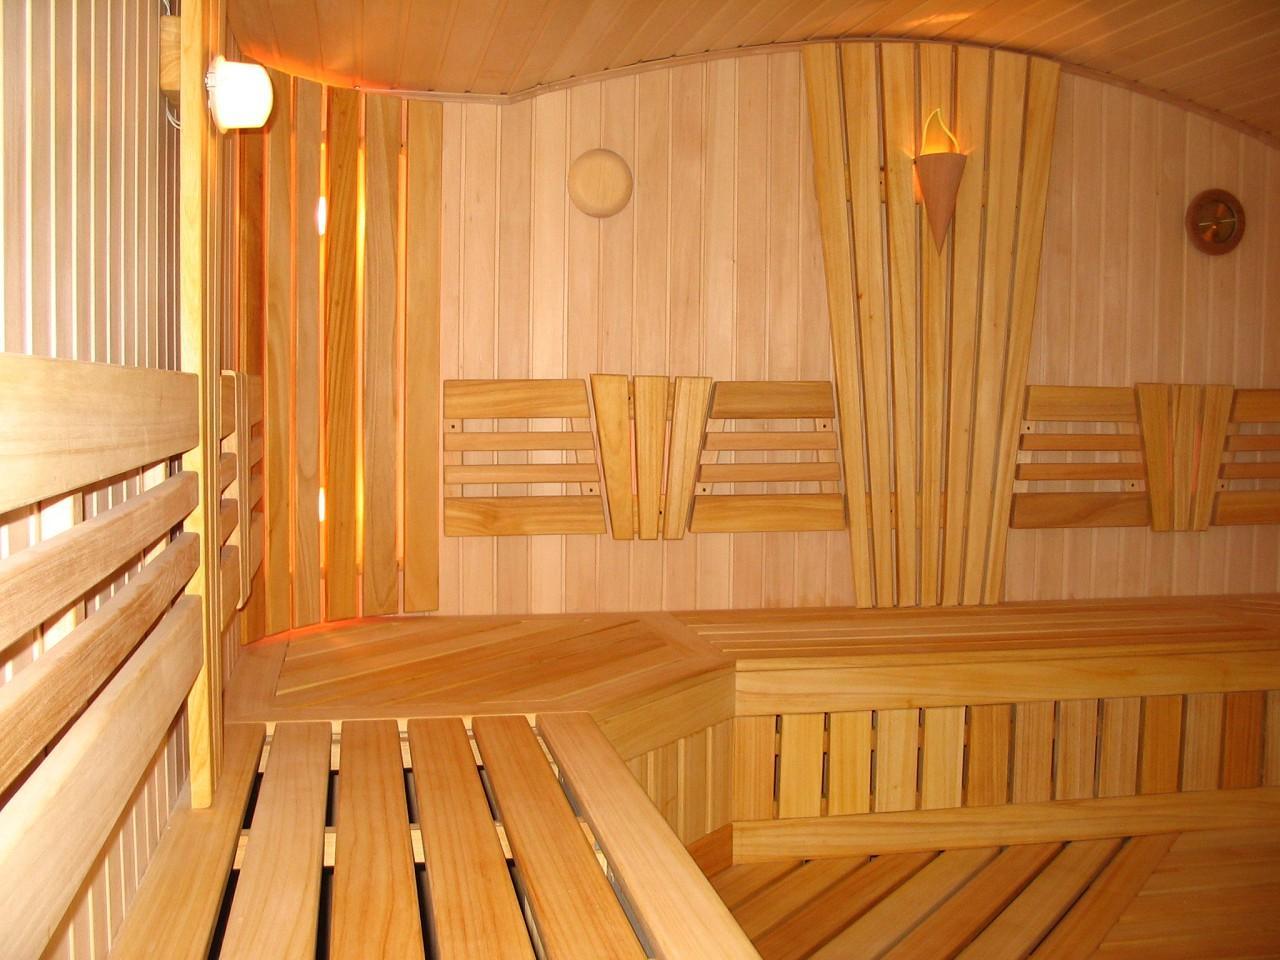 Как правильно обрабатывать древесину в помещении бани